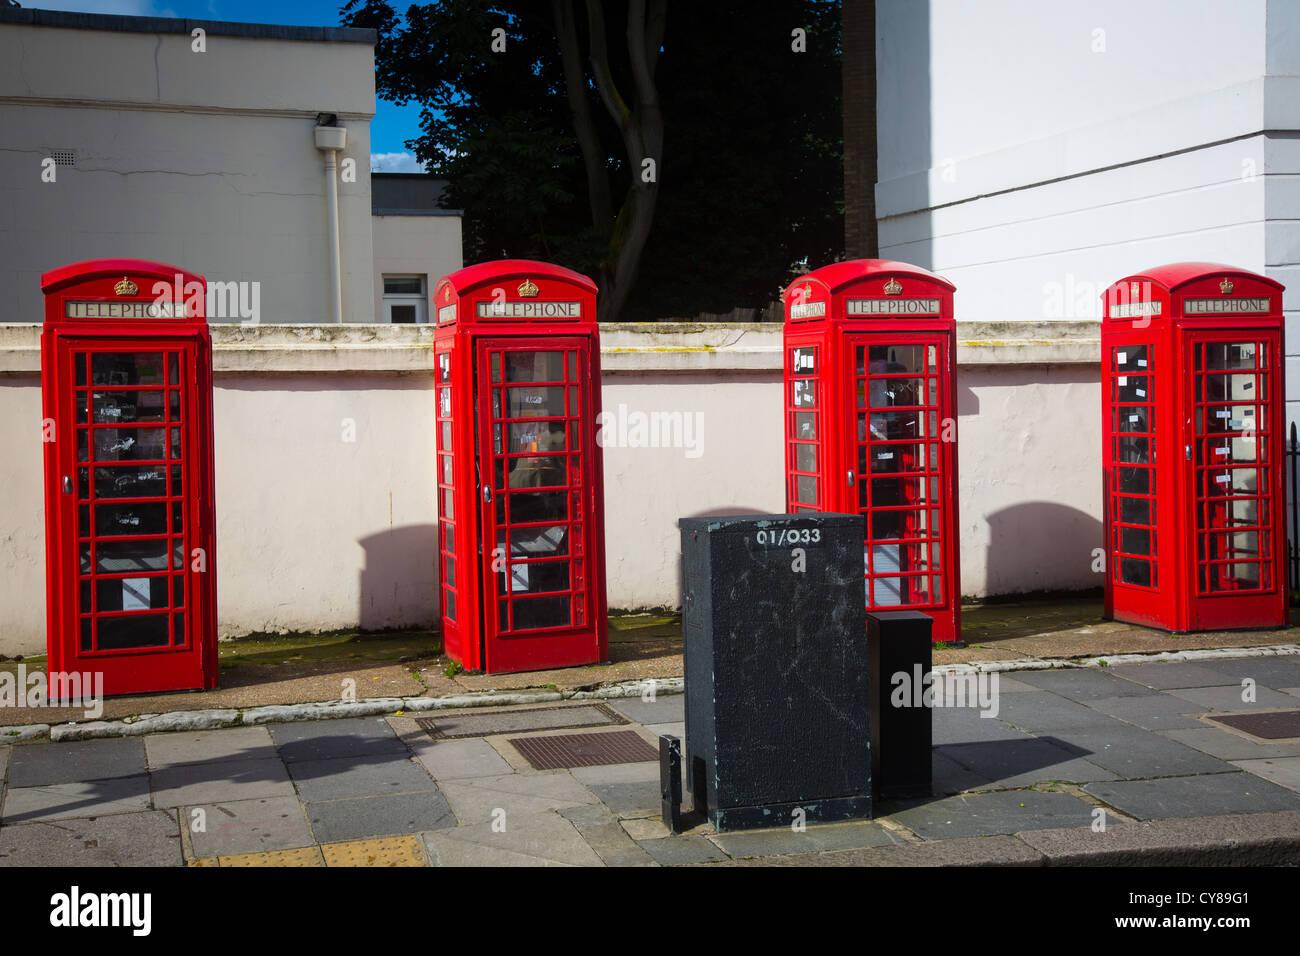 Las cabinas de teléfono rojo típico en la ciudad de Londres. Imagen De Stock